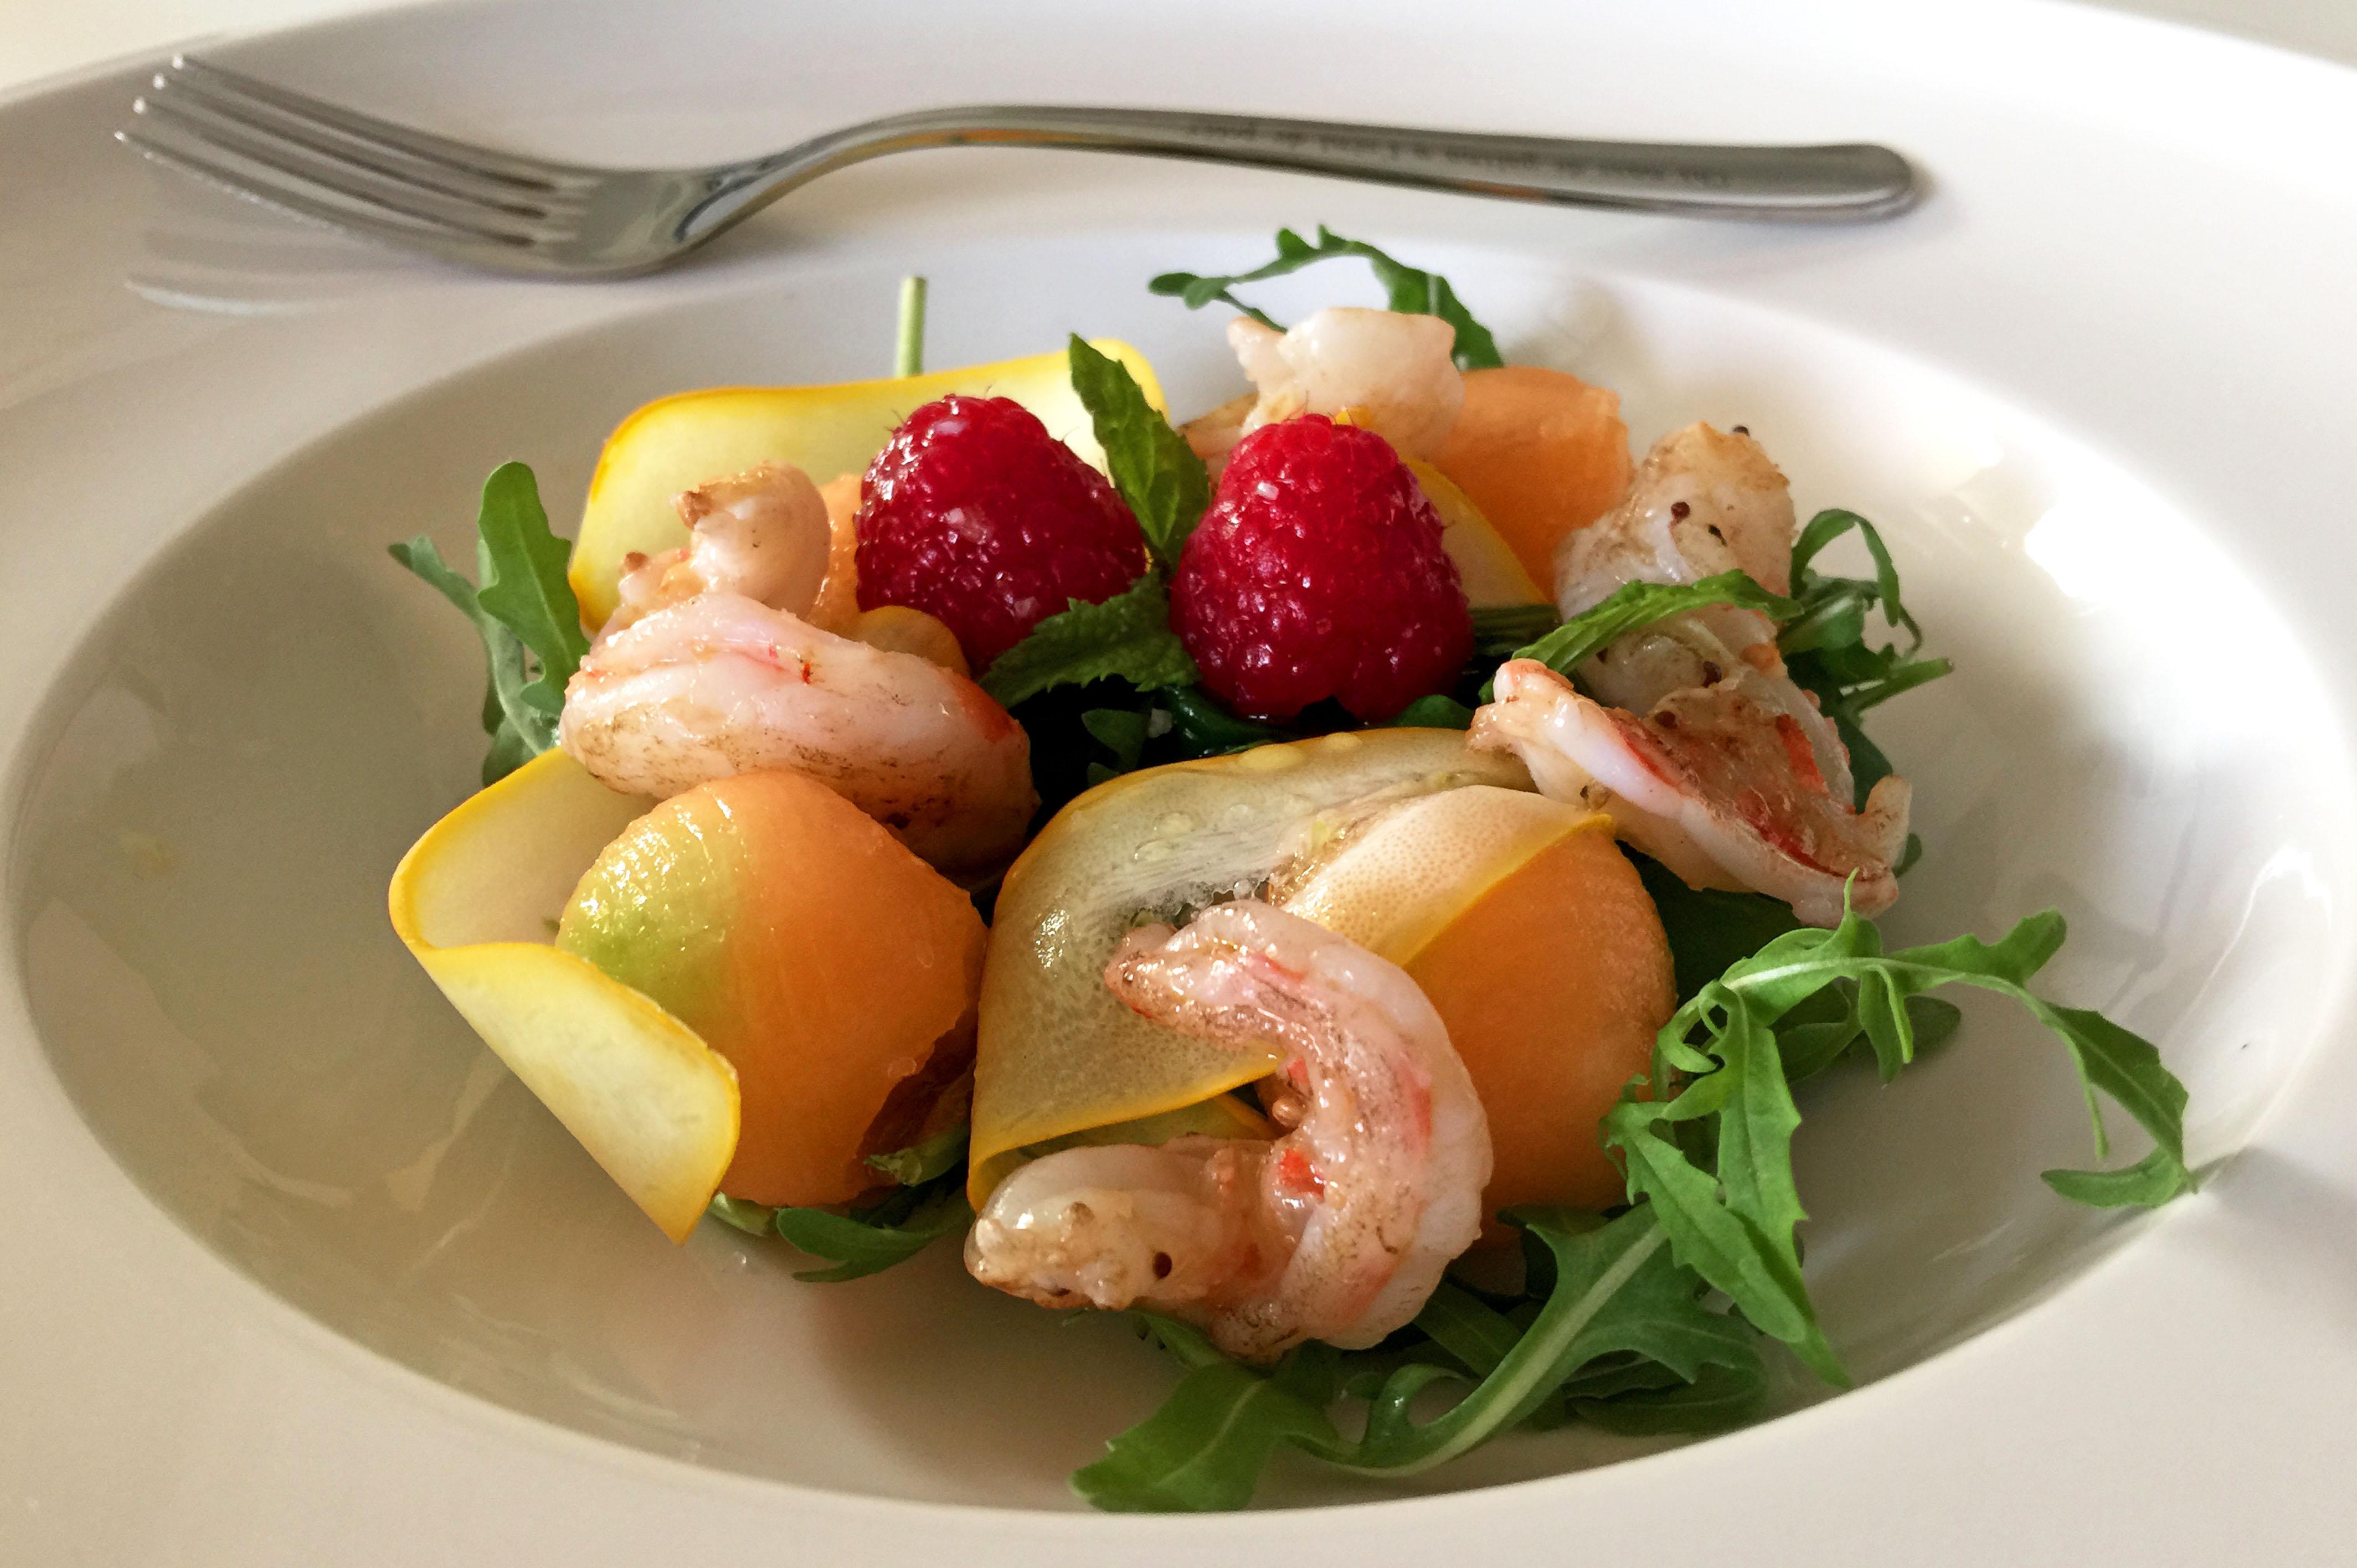 Ricetta estiva con scampi ricetta di mangiare da dio for Cucinare scampi